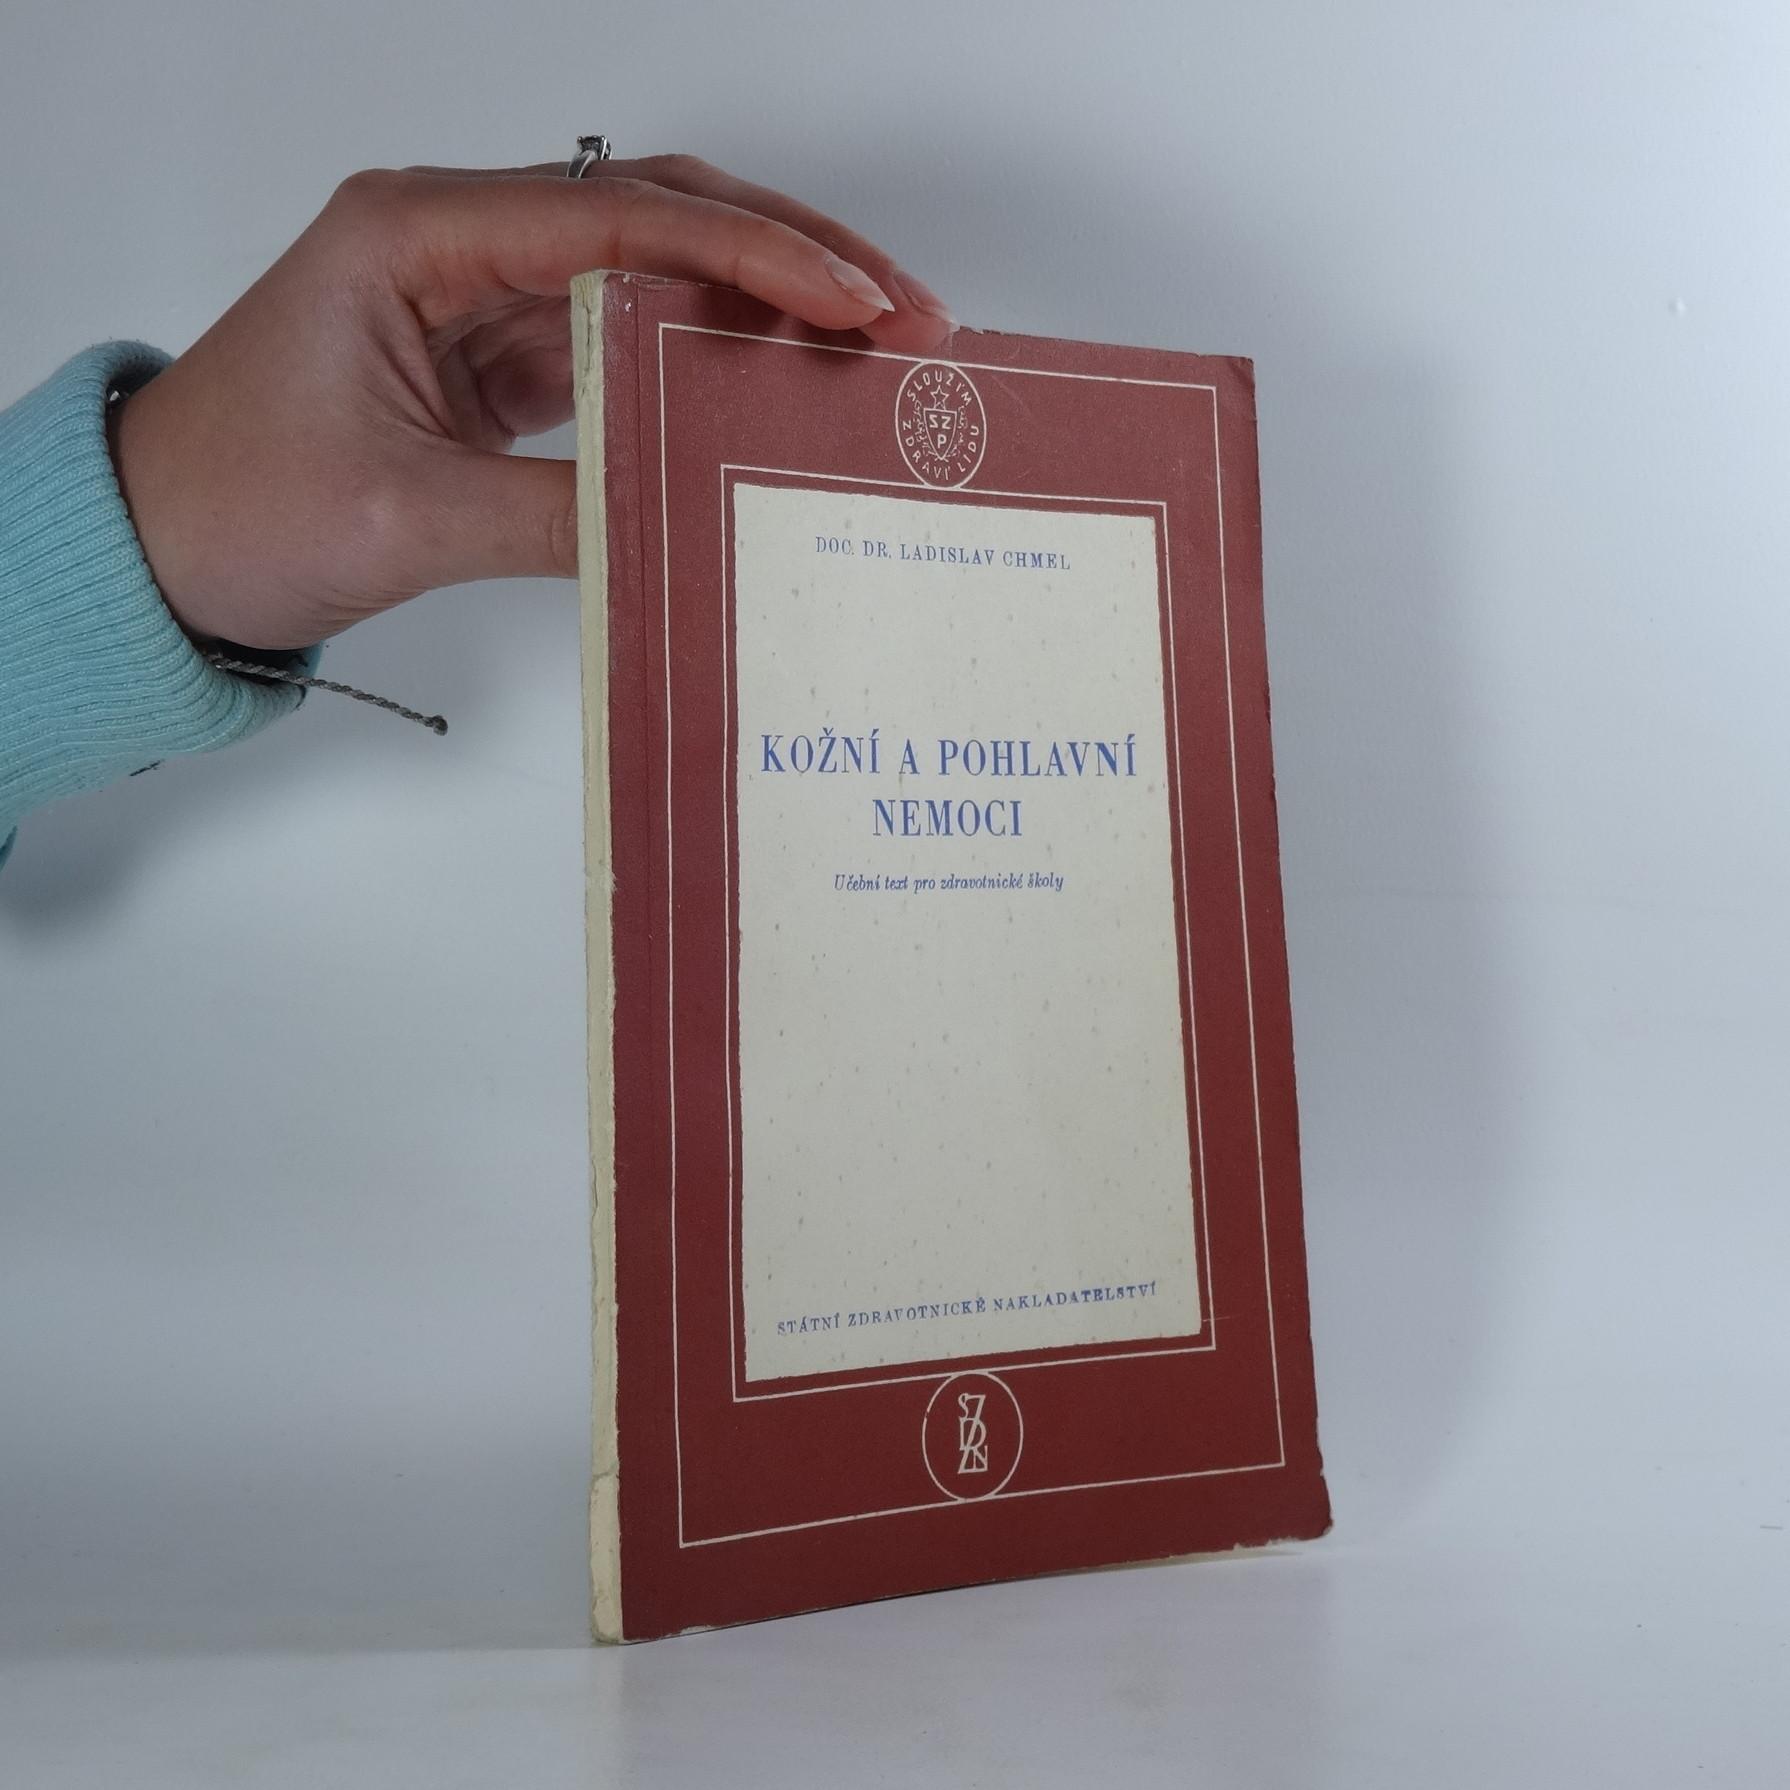 antikvární kniha Kožní a pohlavní nemoci. učební text pro zdravotní školy, 1960